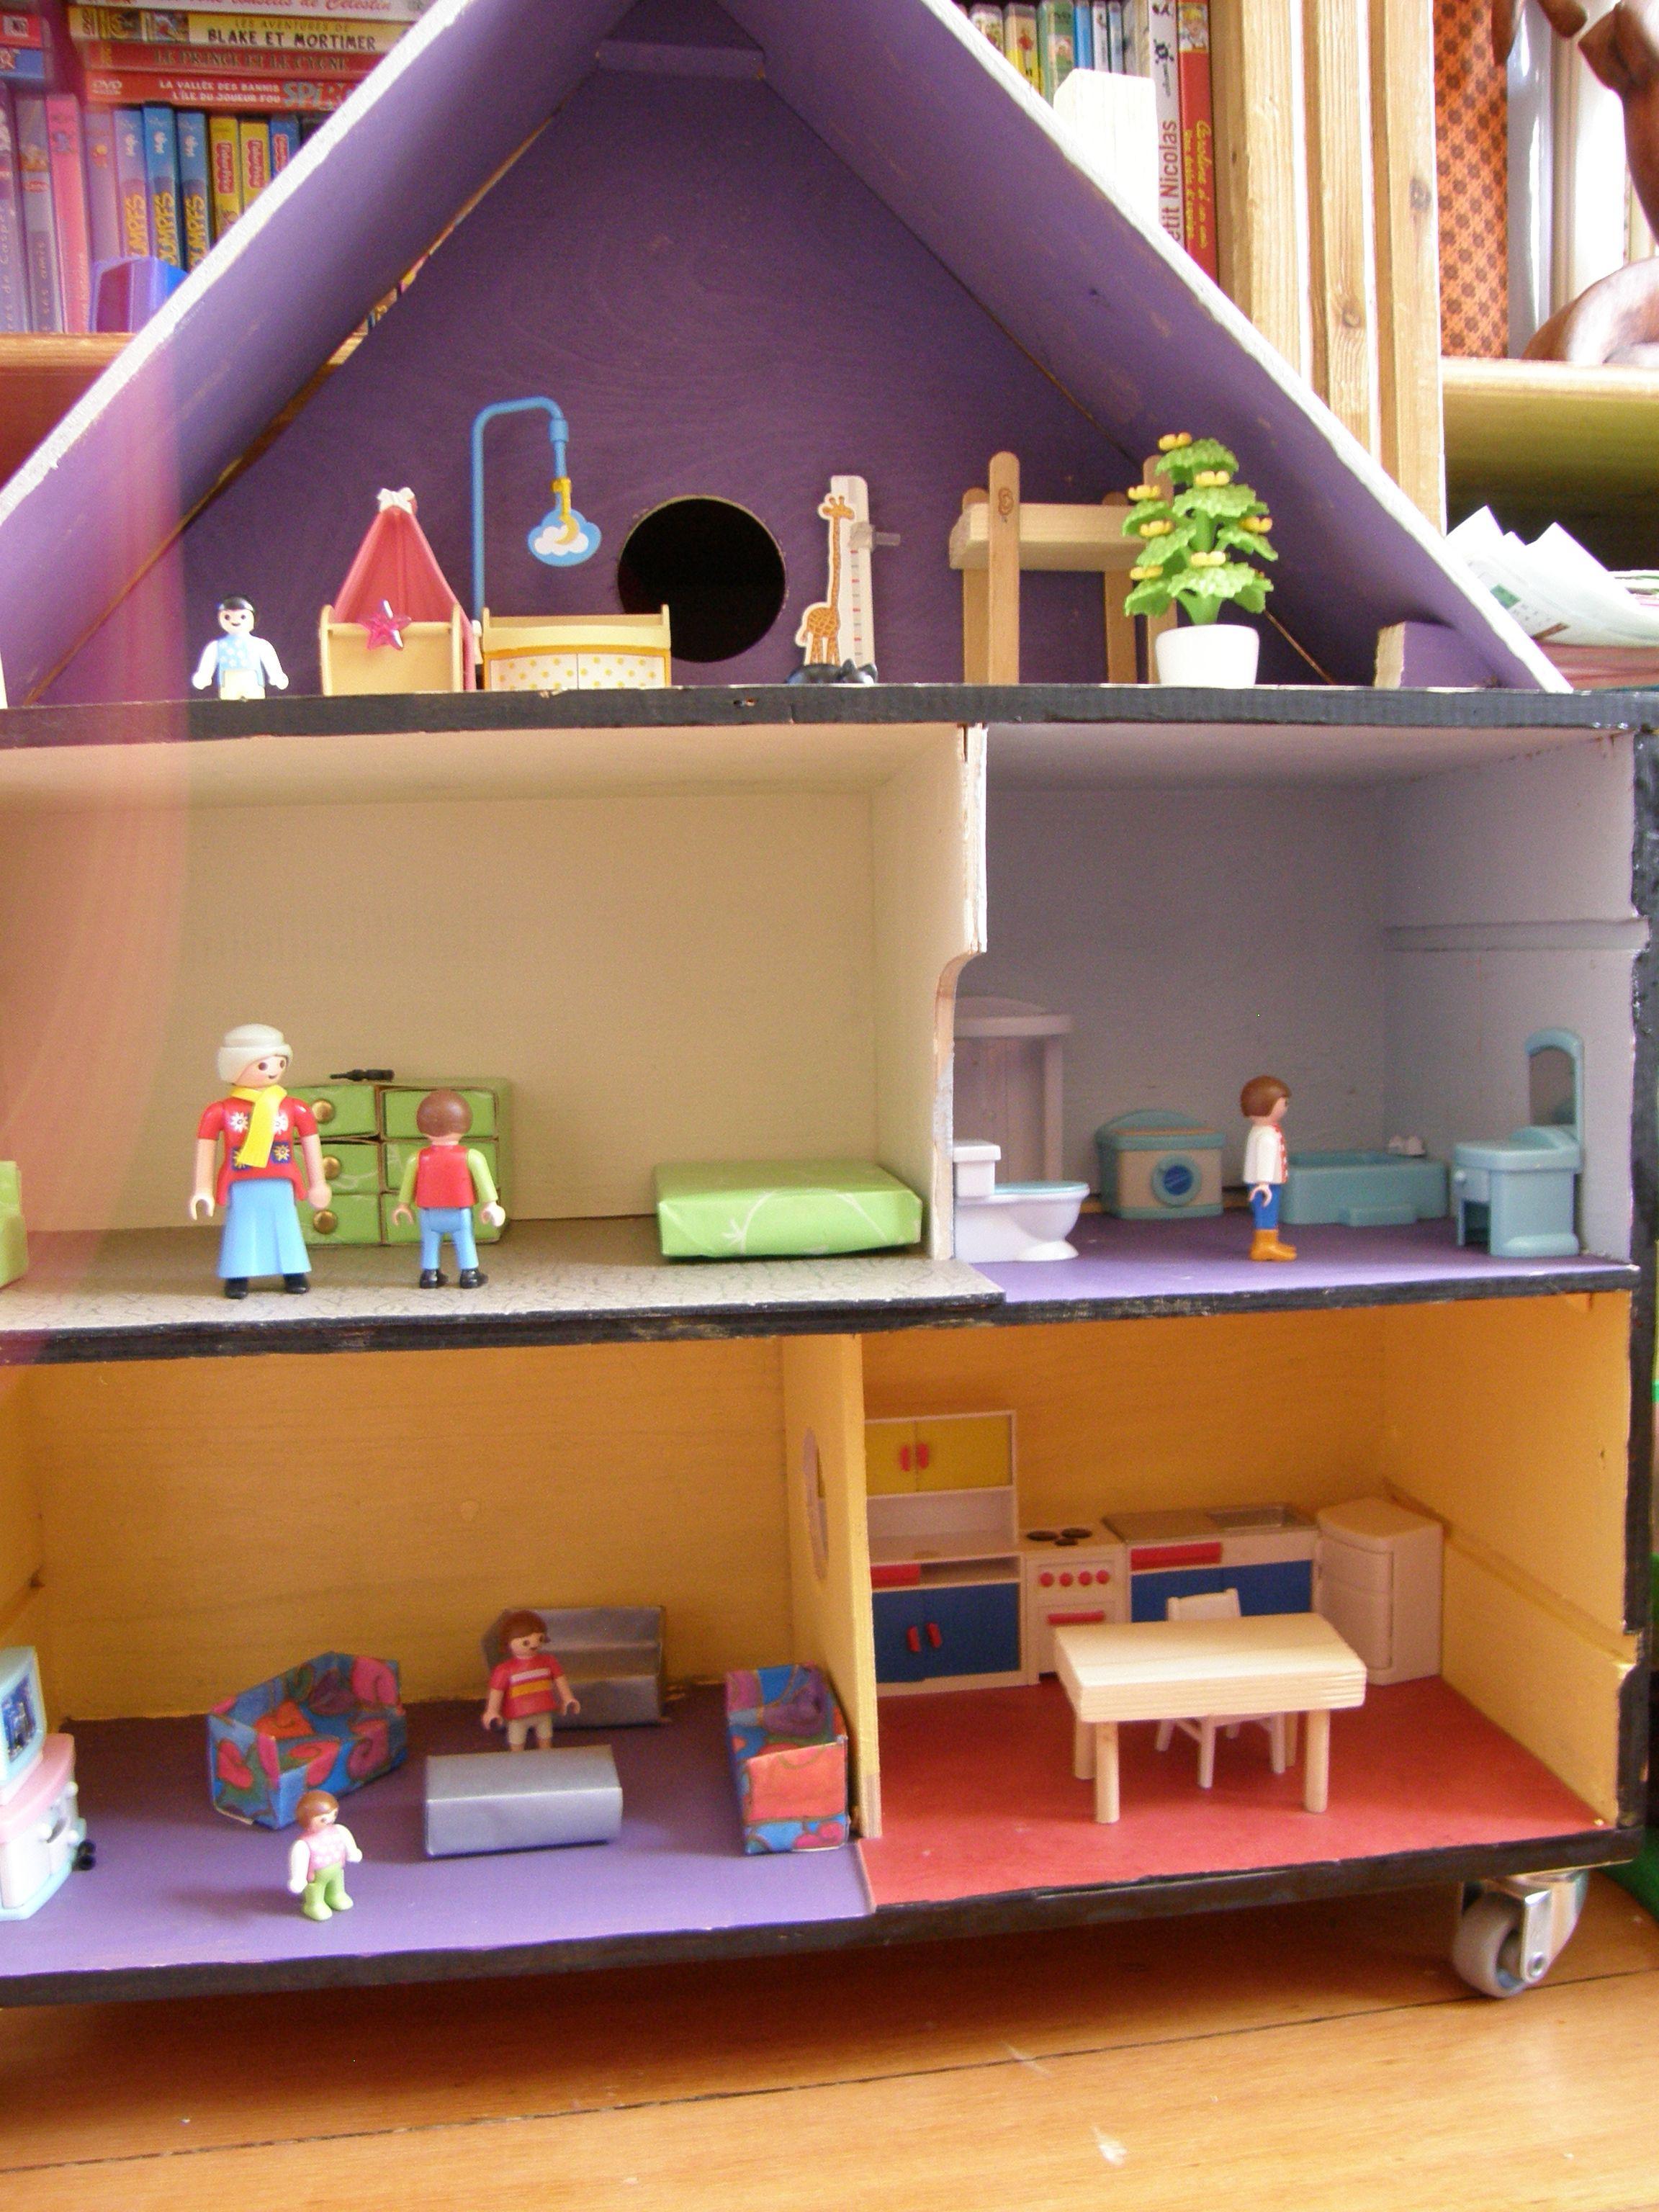 maison playmobil finie et peinte loisirs enfants pinterest maison playmobil playmobil et. Black Bedroom Furniture Sets. Home Design Ideas